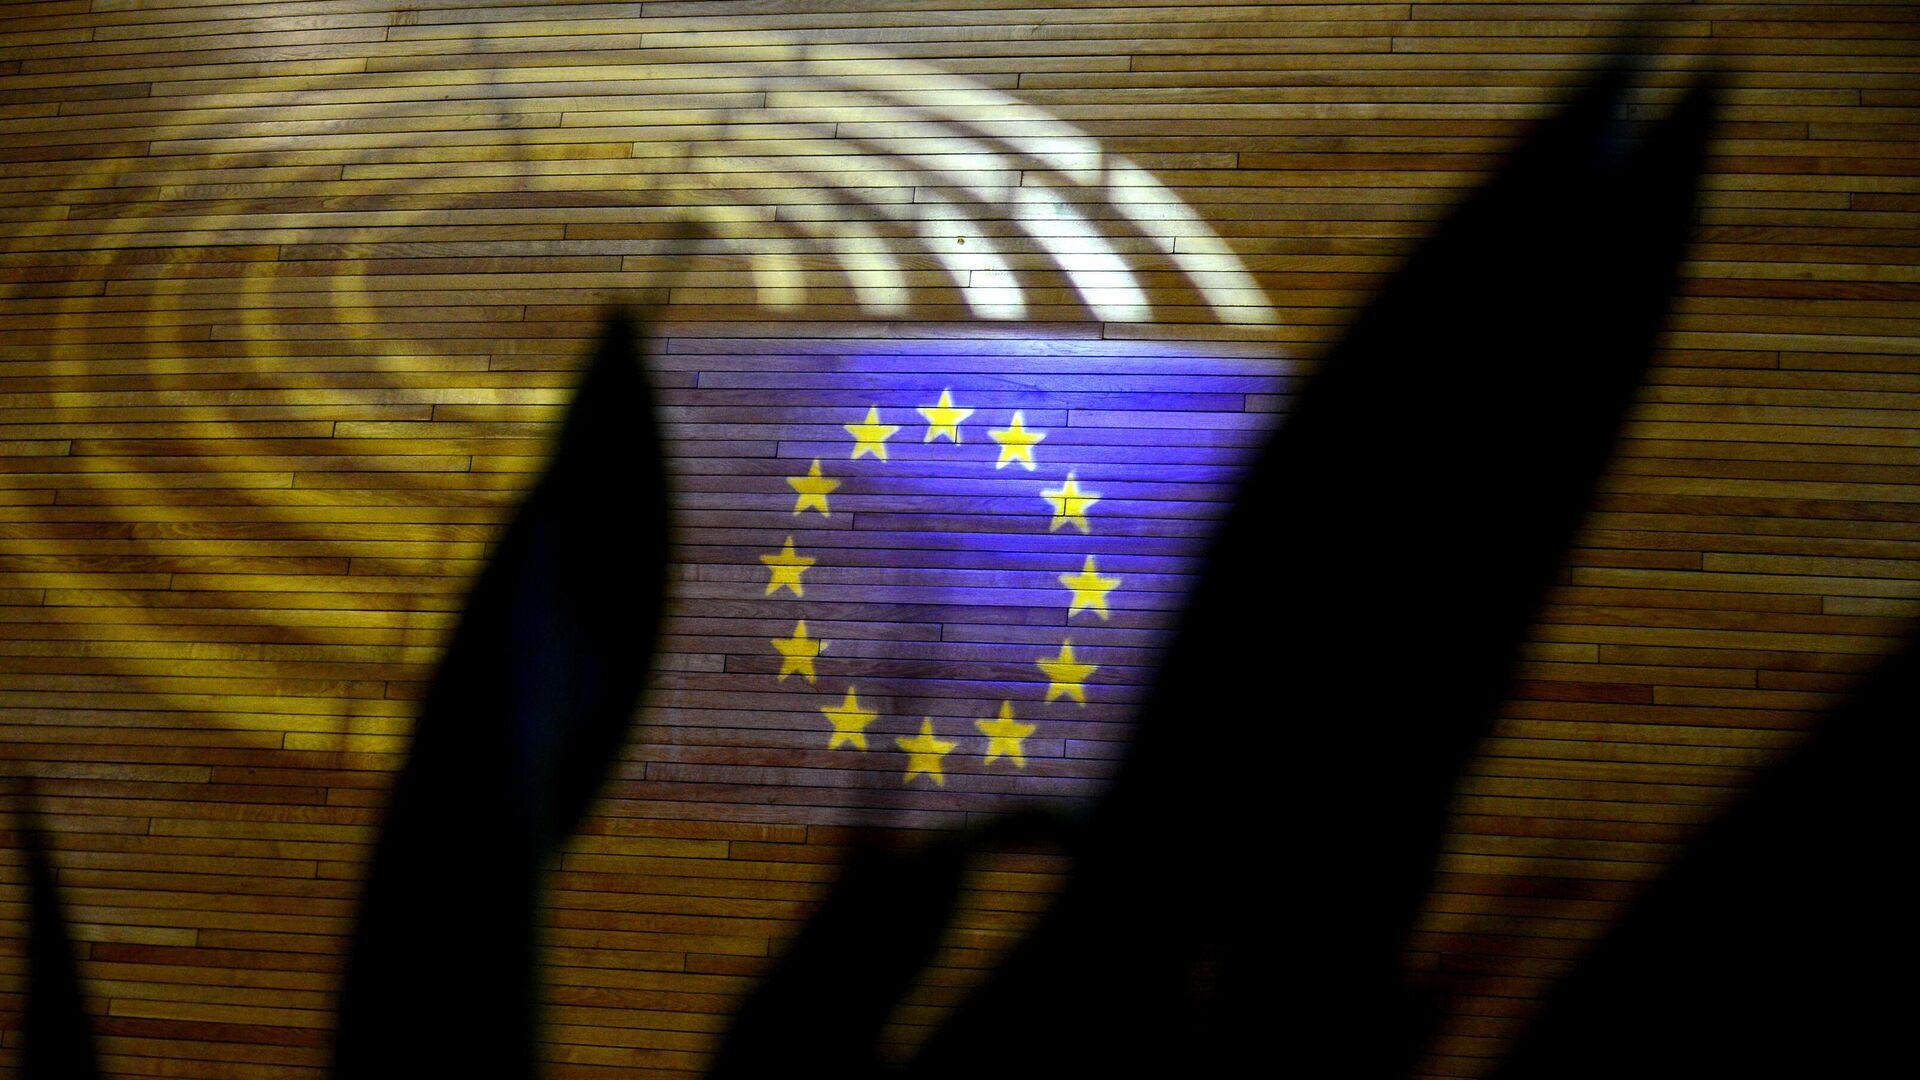 Световая проекция флага Европейского союза в здании Европарламента в Страсбурге - РИА Новости, 1920, 06.10.2021